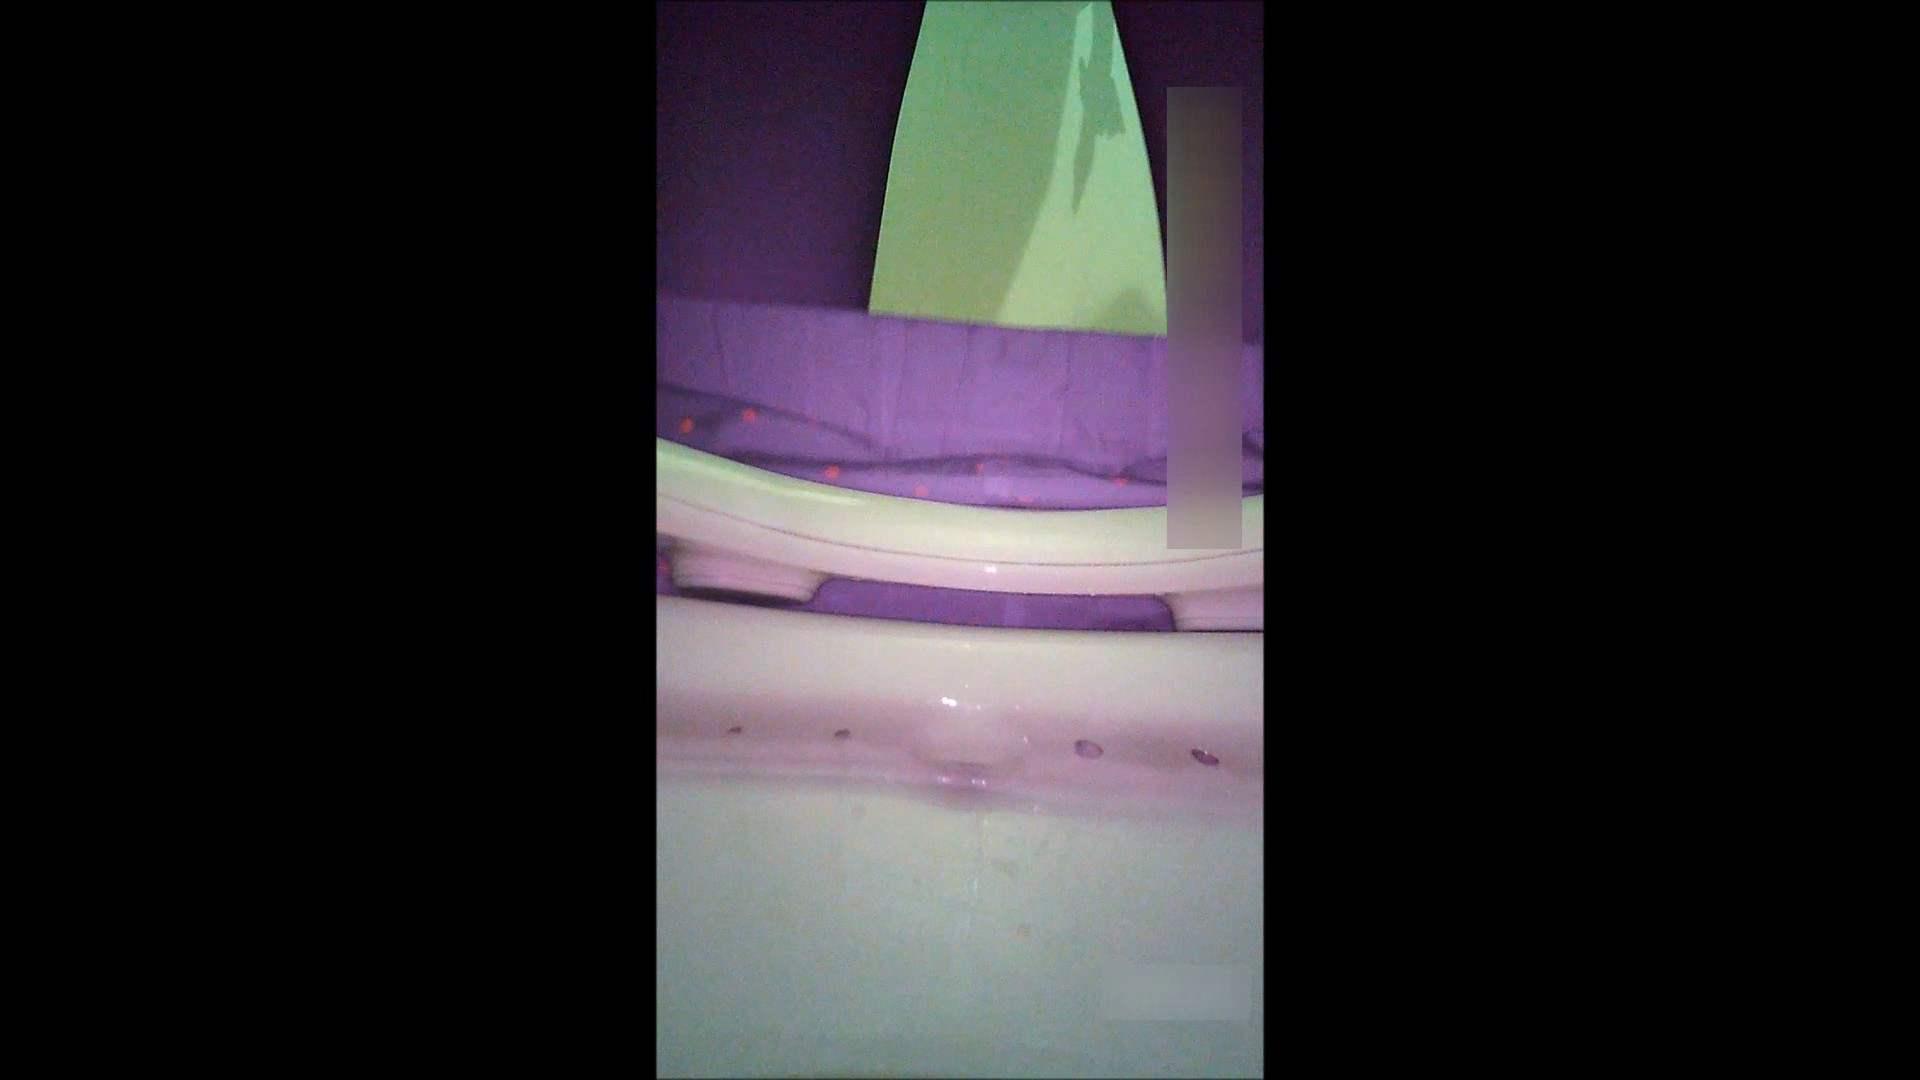 キレカワ女子大生の秘密の洗面所!Vol.051 HなOL AV無料動画キャプチャ 87pic 47